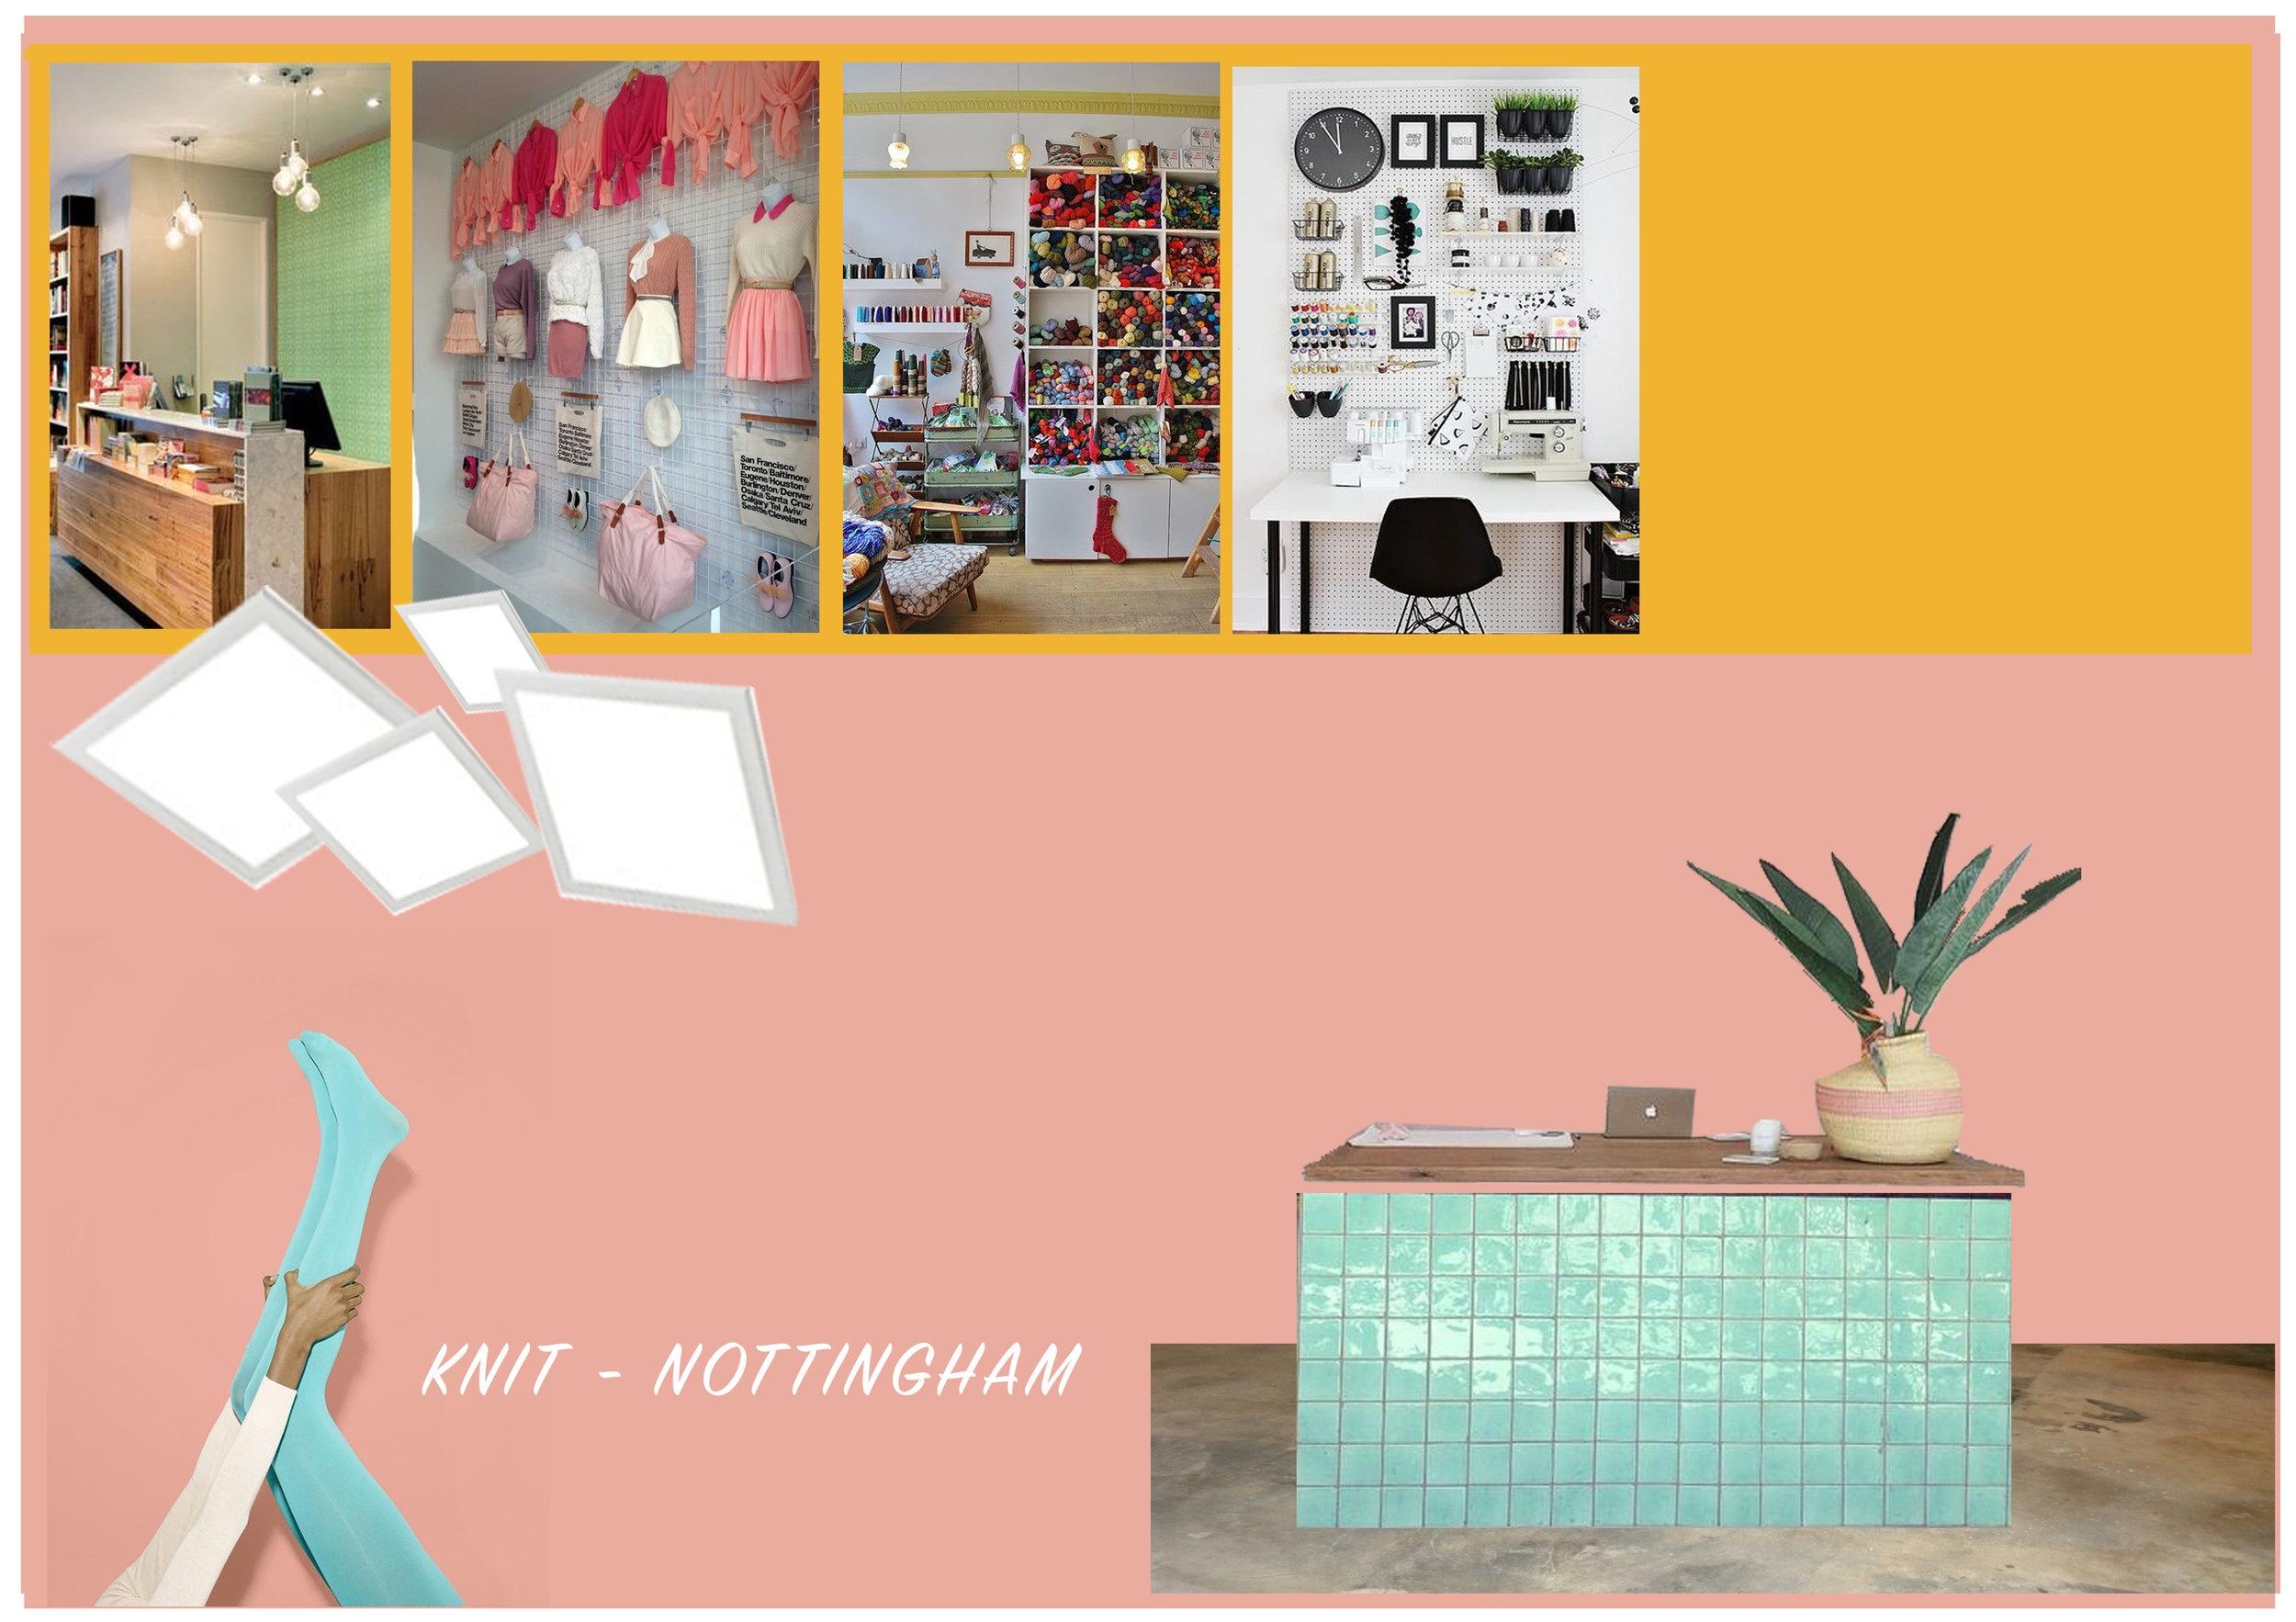 Cassie S Interior Design Masters Journal Episode 3 Shops Cassie Nicholas